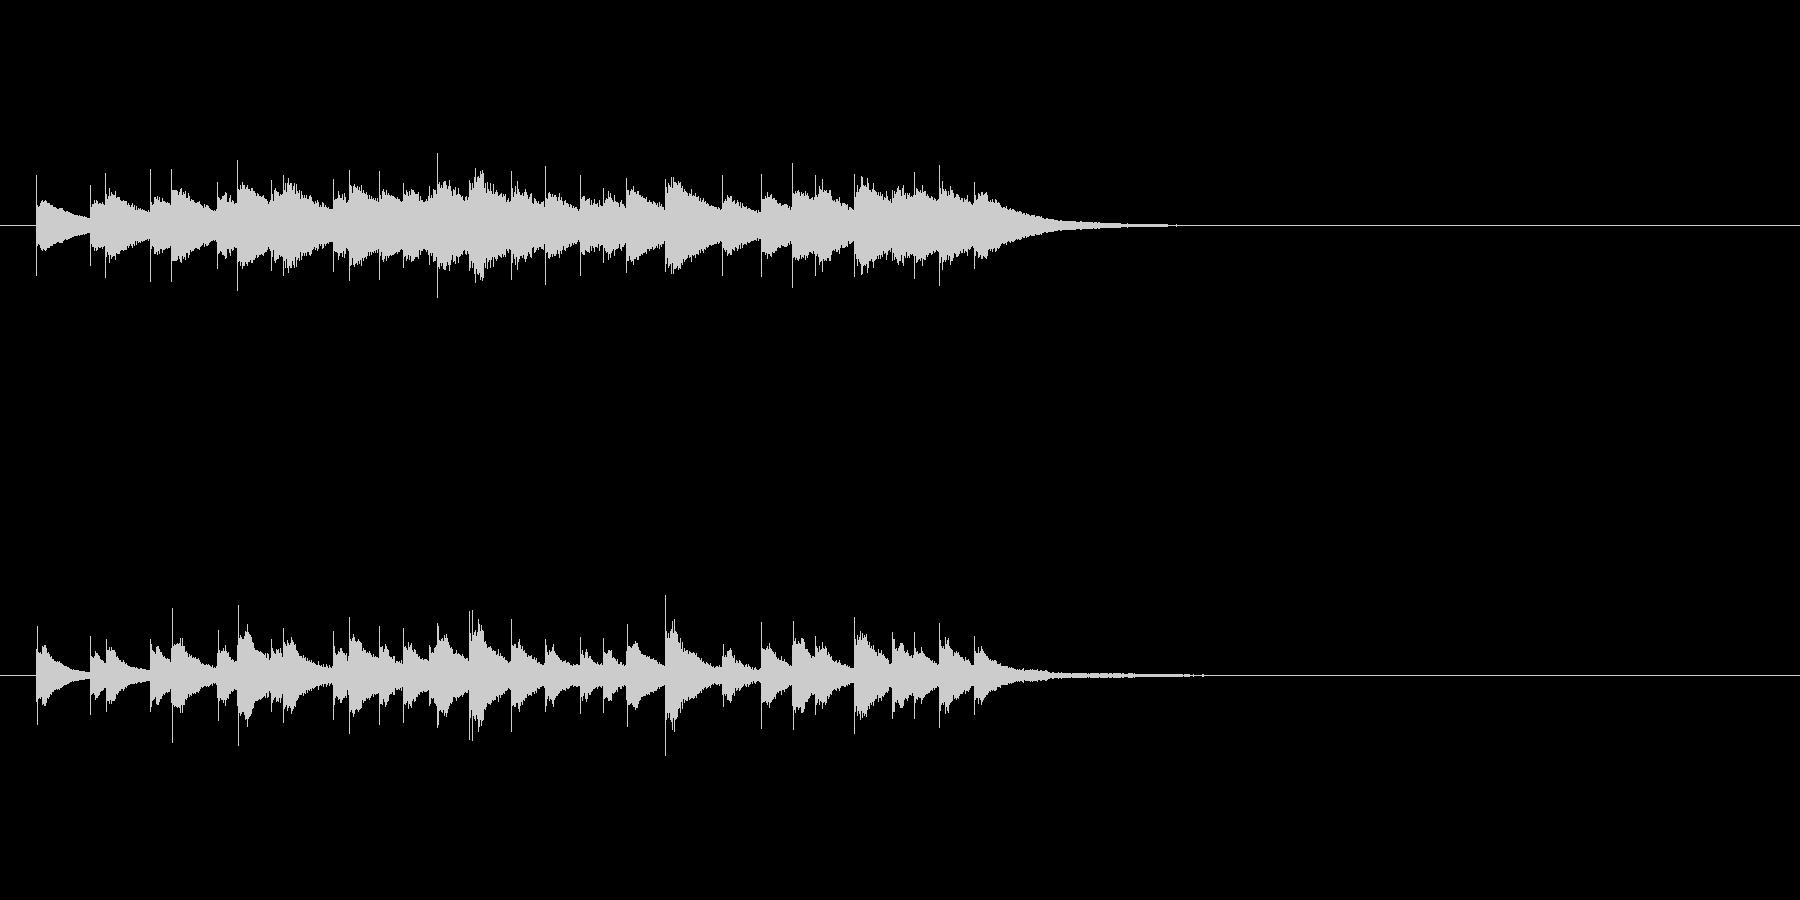 マジカルチャイムの未再生の波形